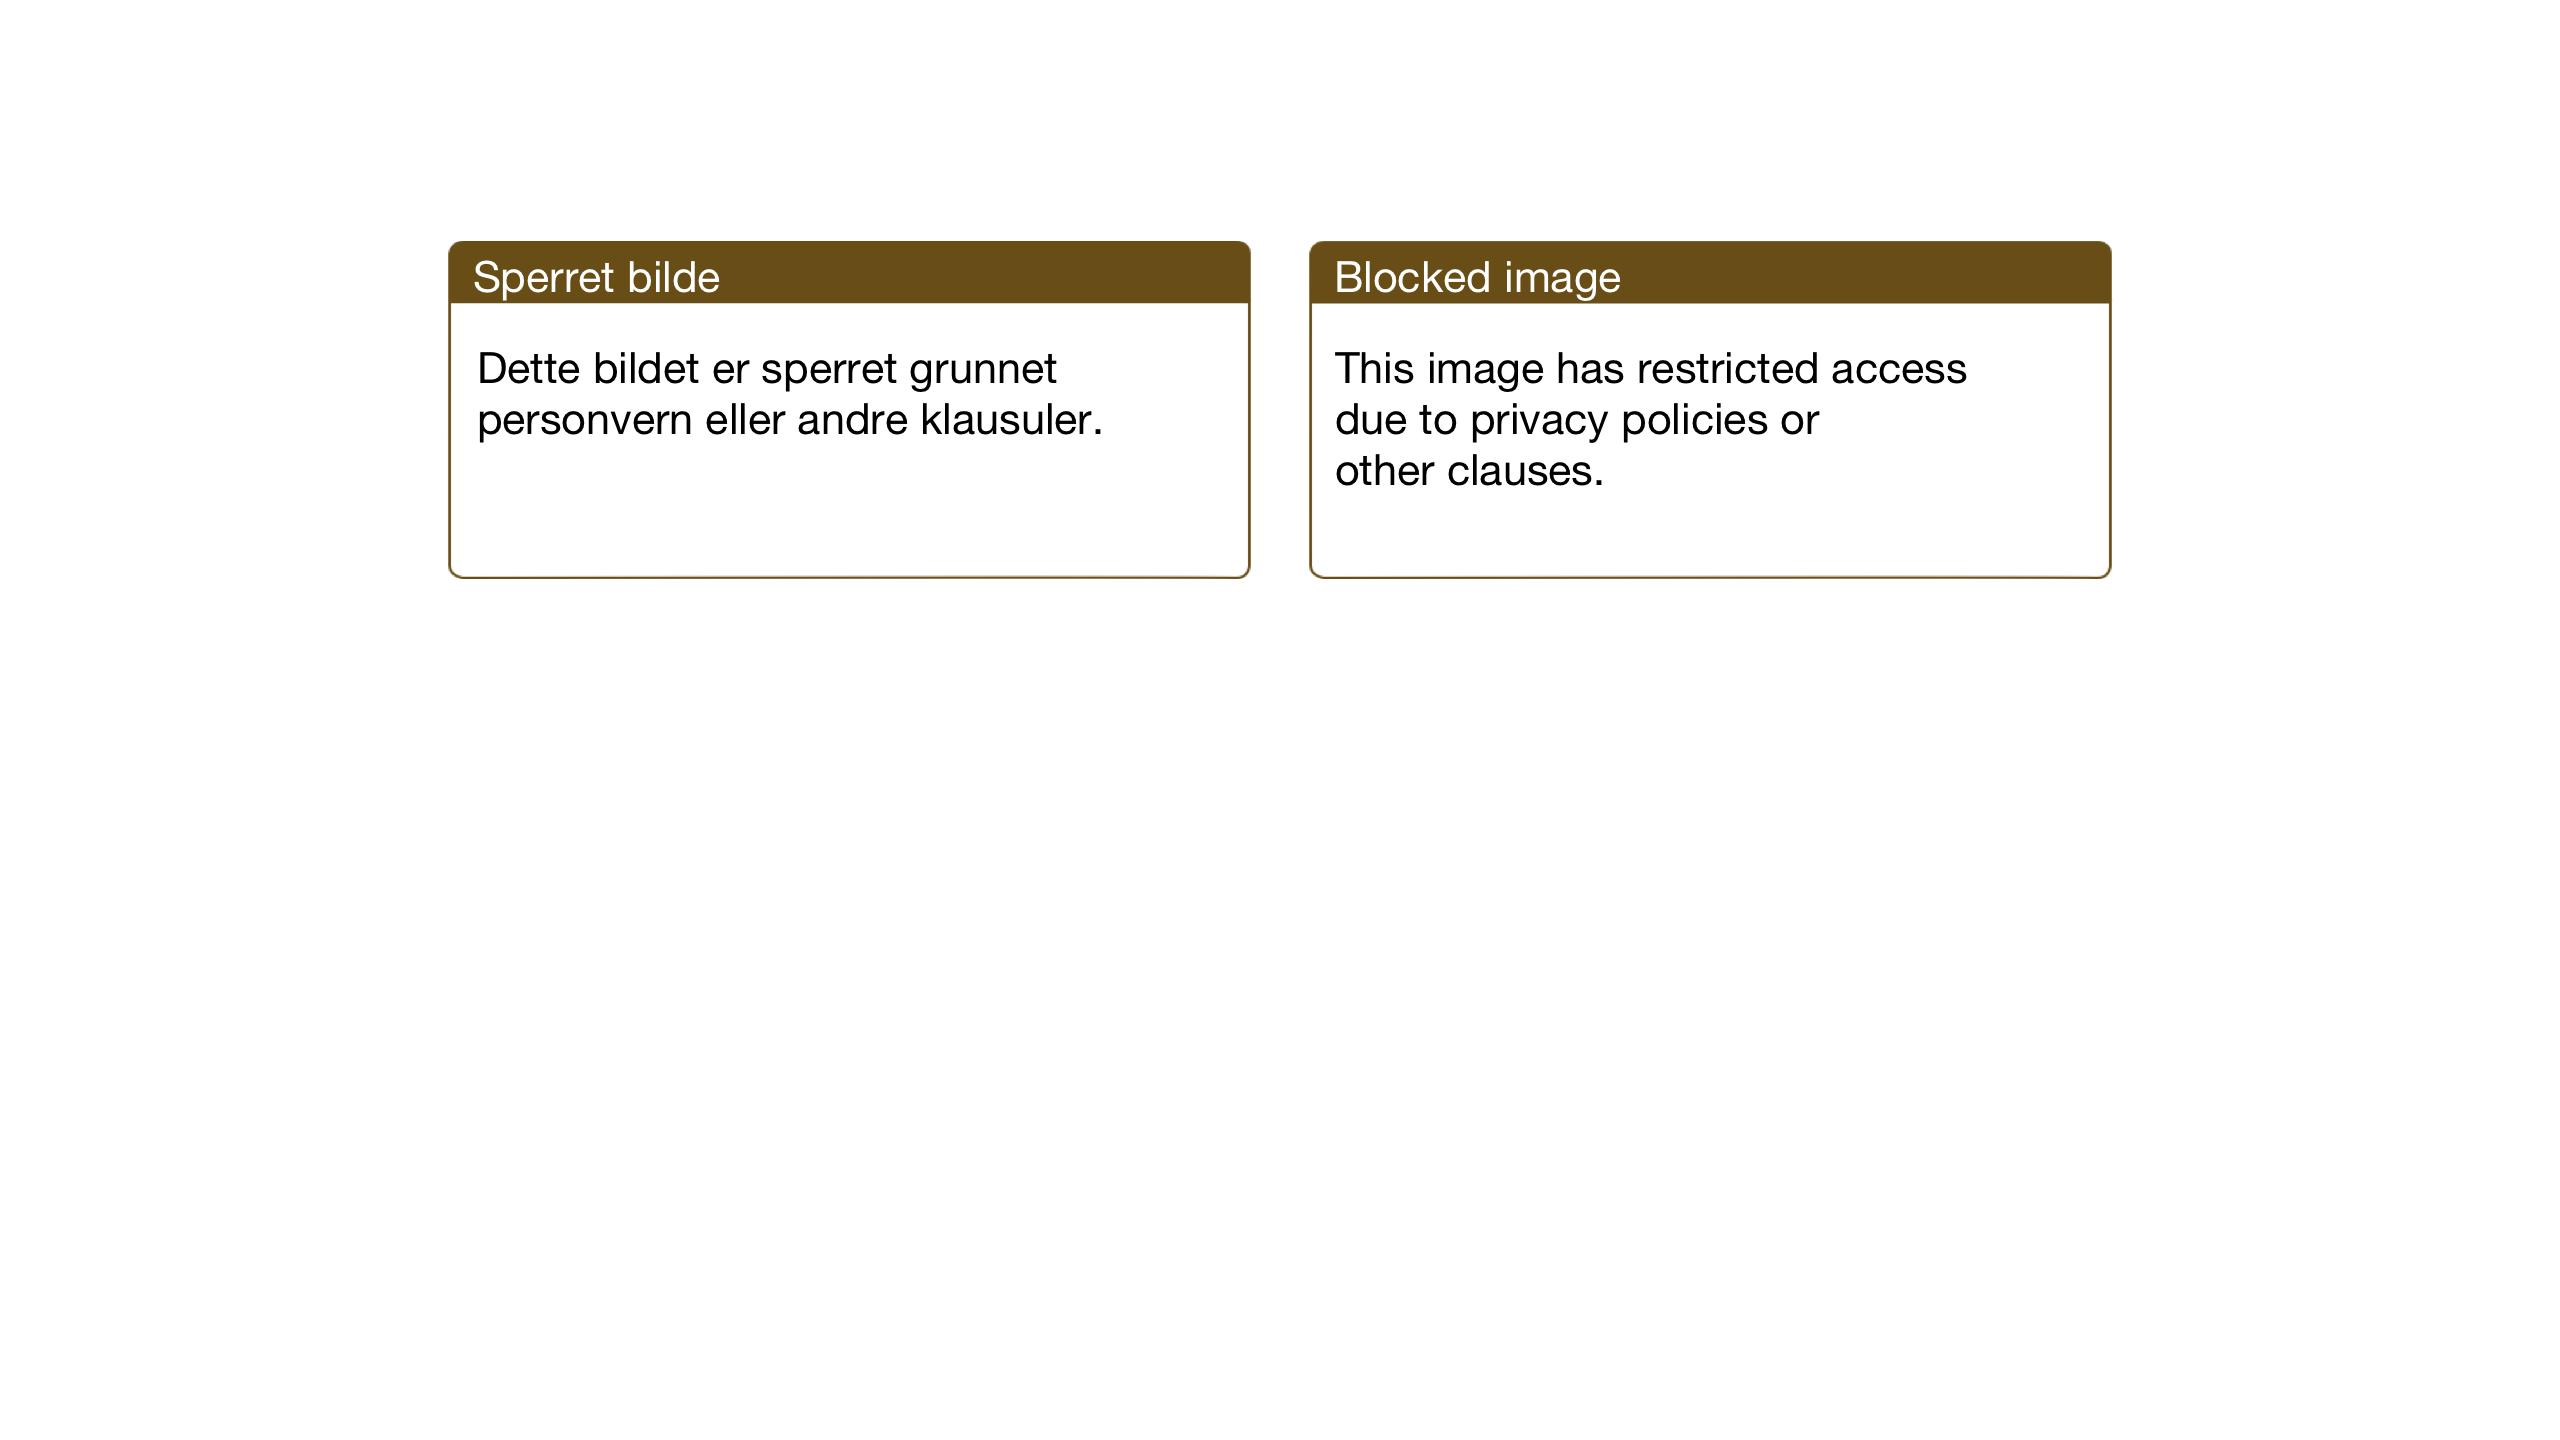 SAT, Ministerialprotokoller, klokkerbøker og fødselsregistre - Sør-Trøndelag, 681/L0944: Klokkerbok nr. 681C08, 1926-1954, s. 48